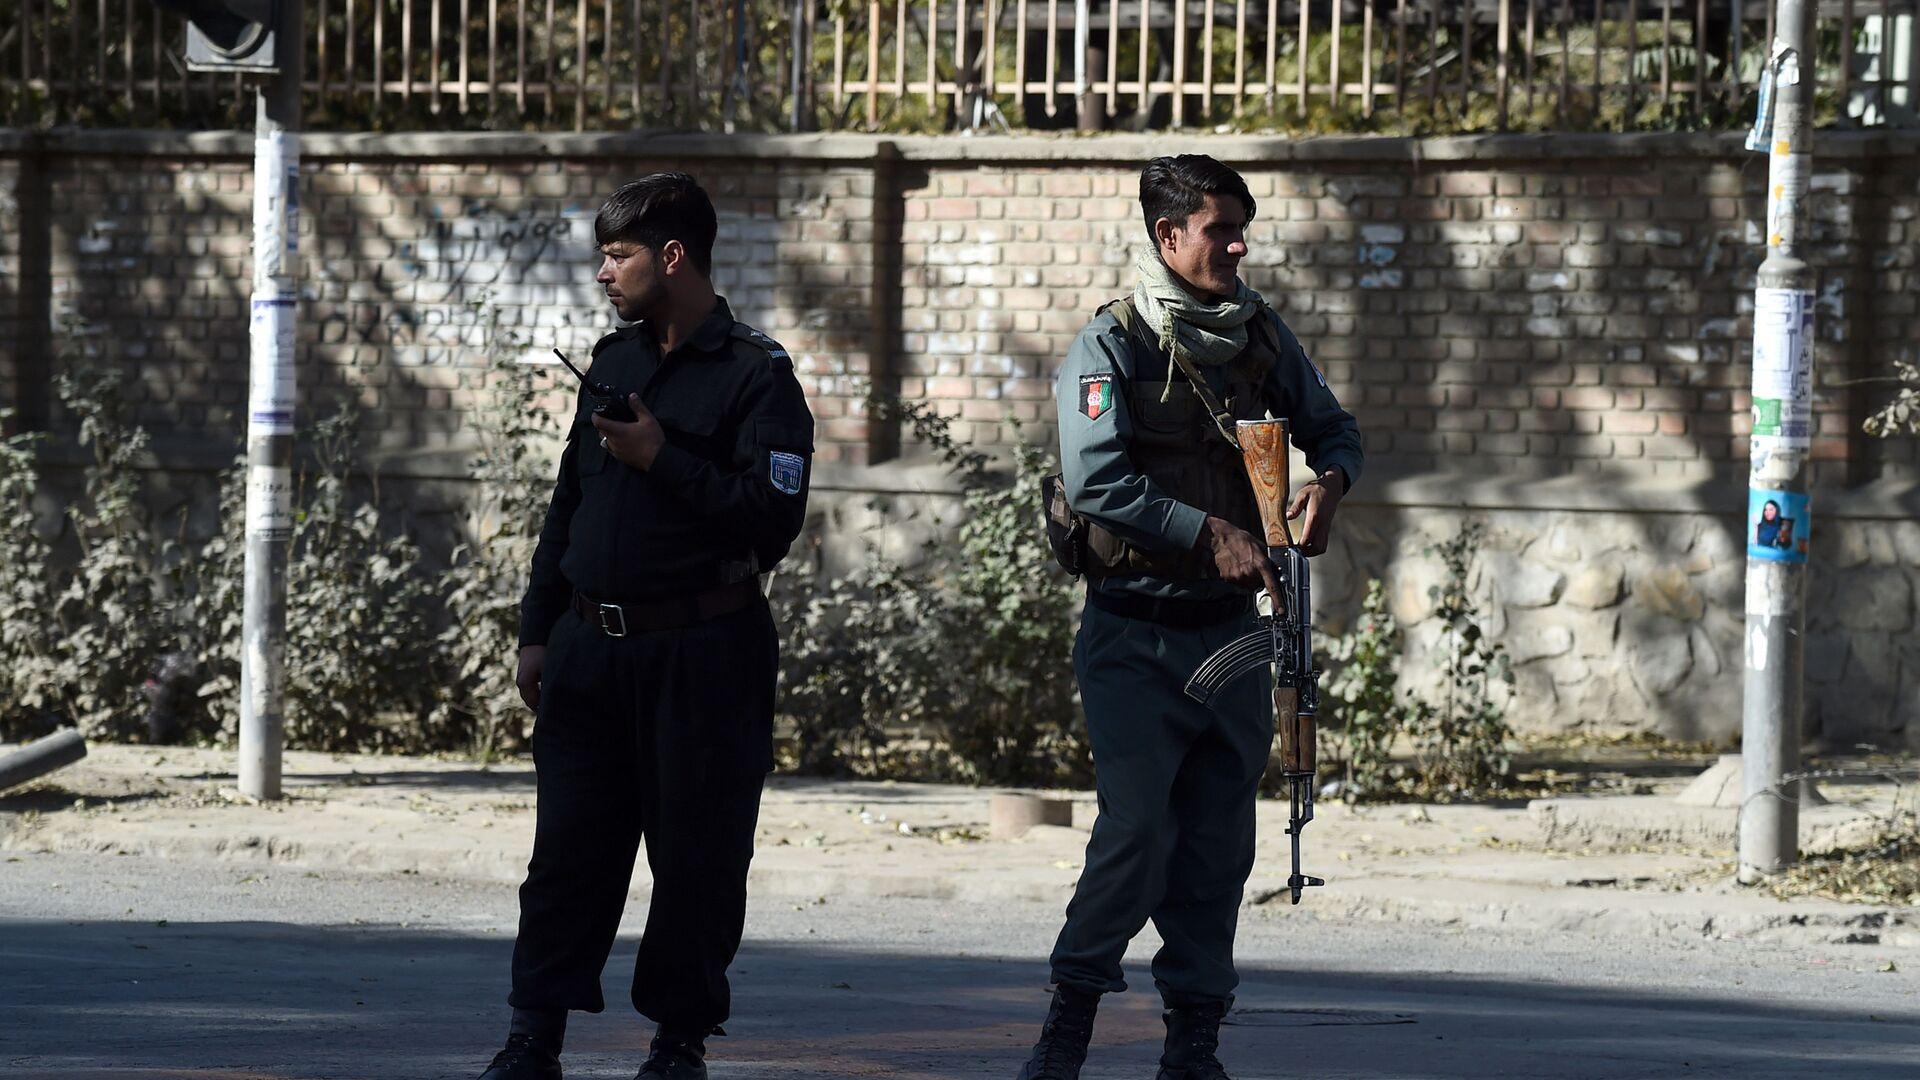 Полицейские стоят на страже возле Кабульского университета, архифное фото - Sputnik Таджикистан, 1920, 10.08.2021